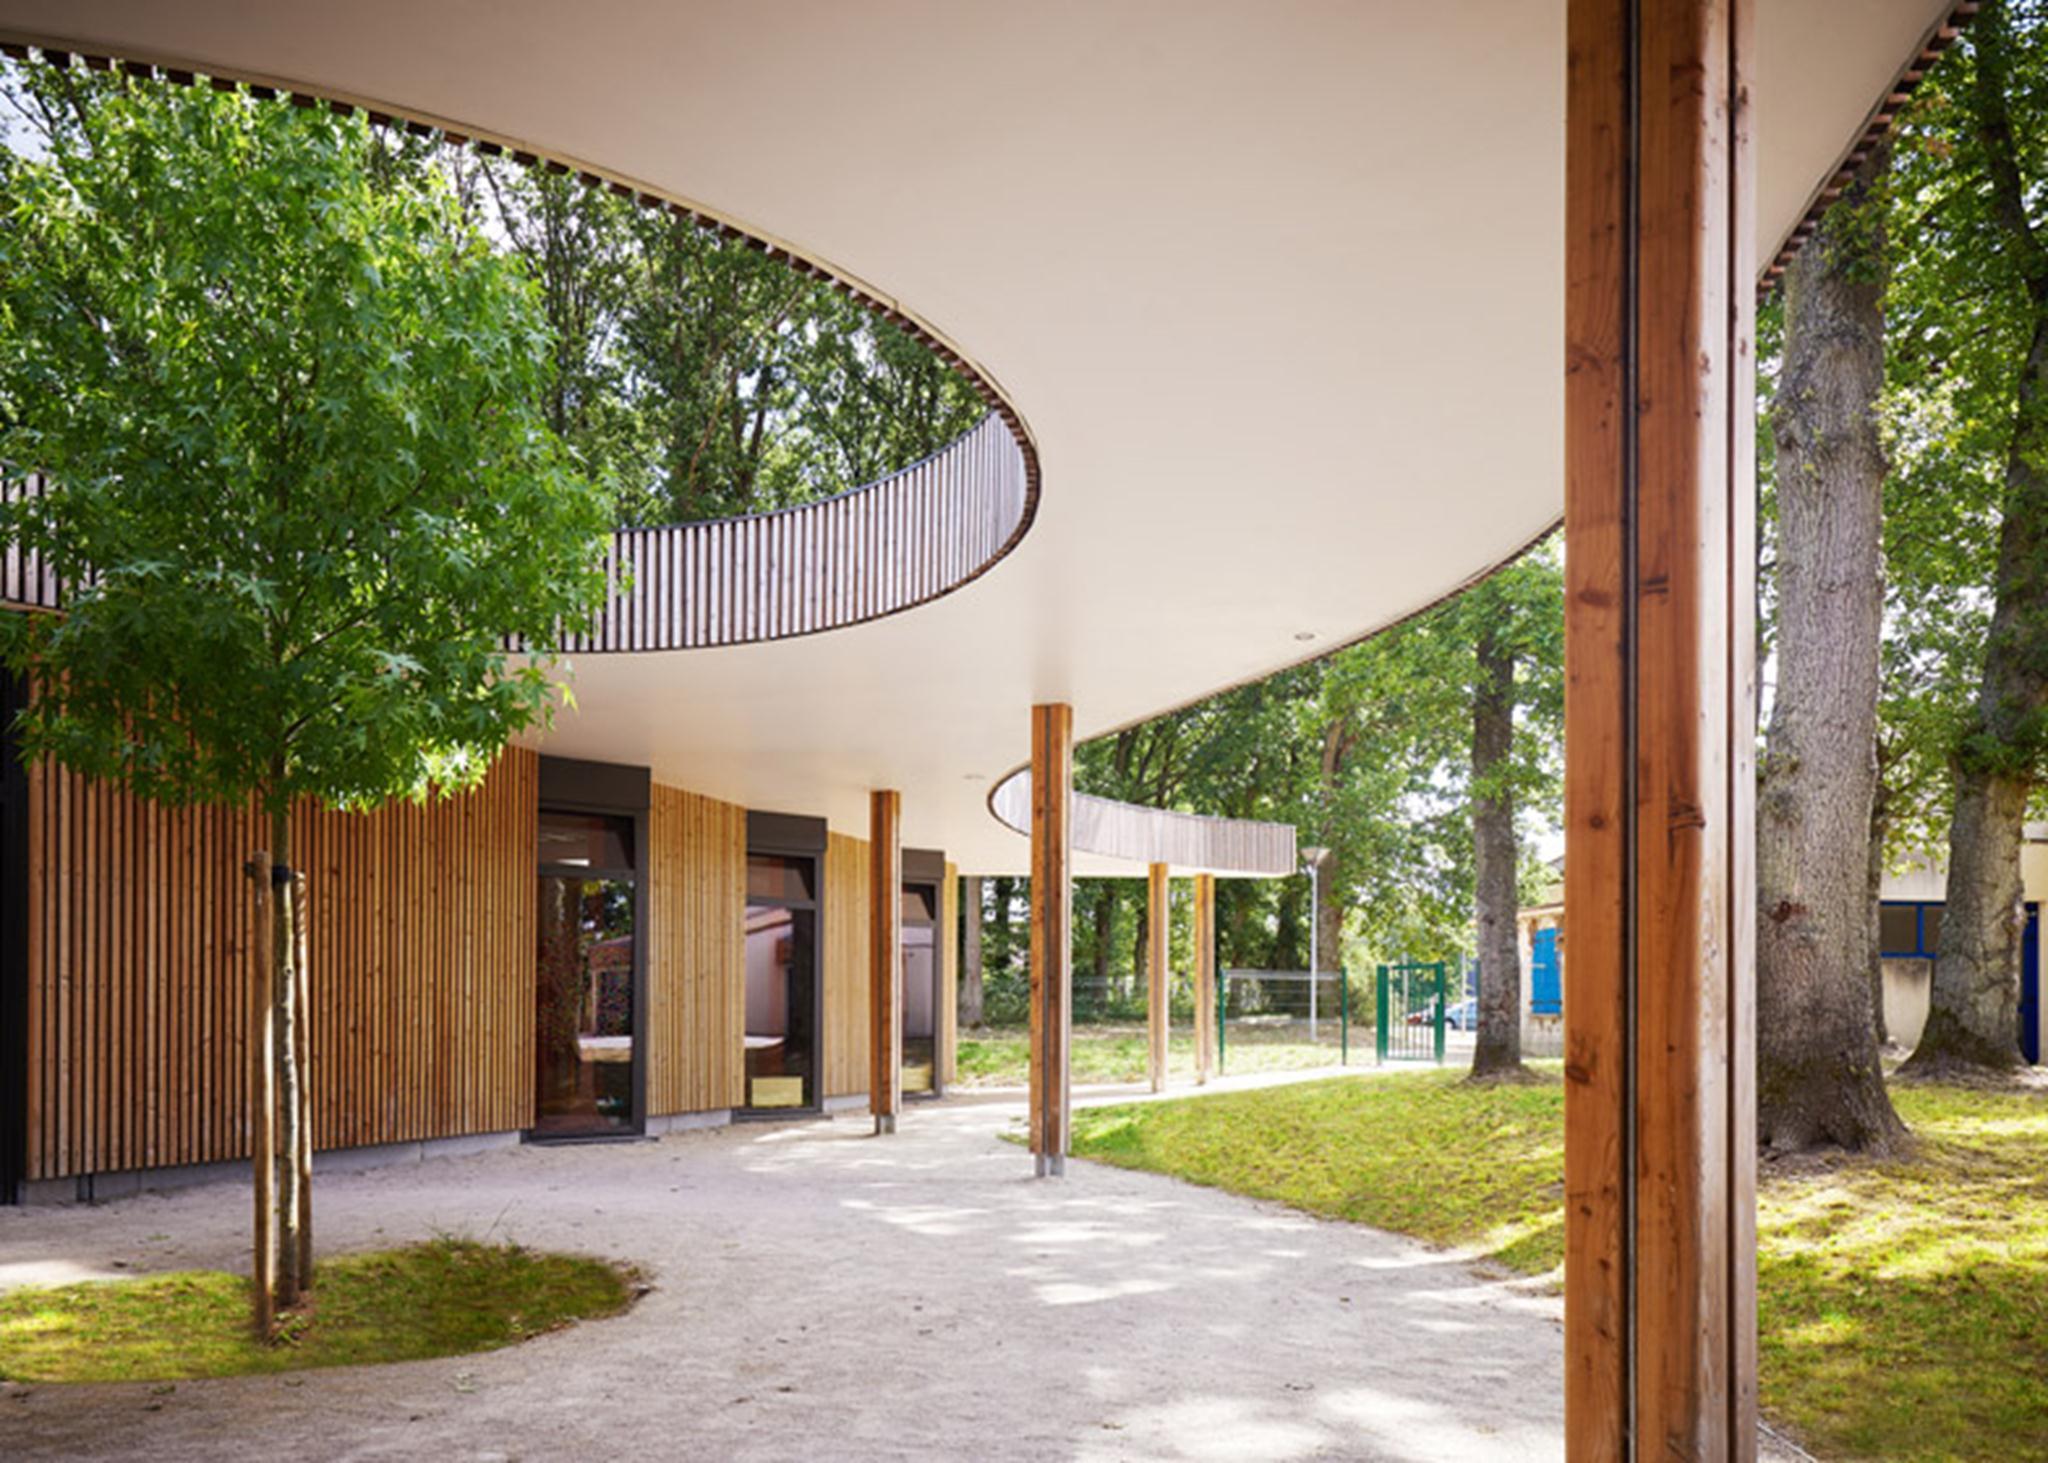 Một bức tường kính lõm nới rộng vào khu vực tiếp tân trung tâm và được bao quanh bởi một khu vườn nhỏ, góp phần vào cảm giác tươi sáng và cởi mở cho không gian.